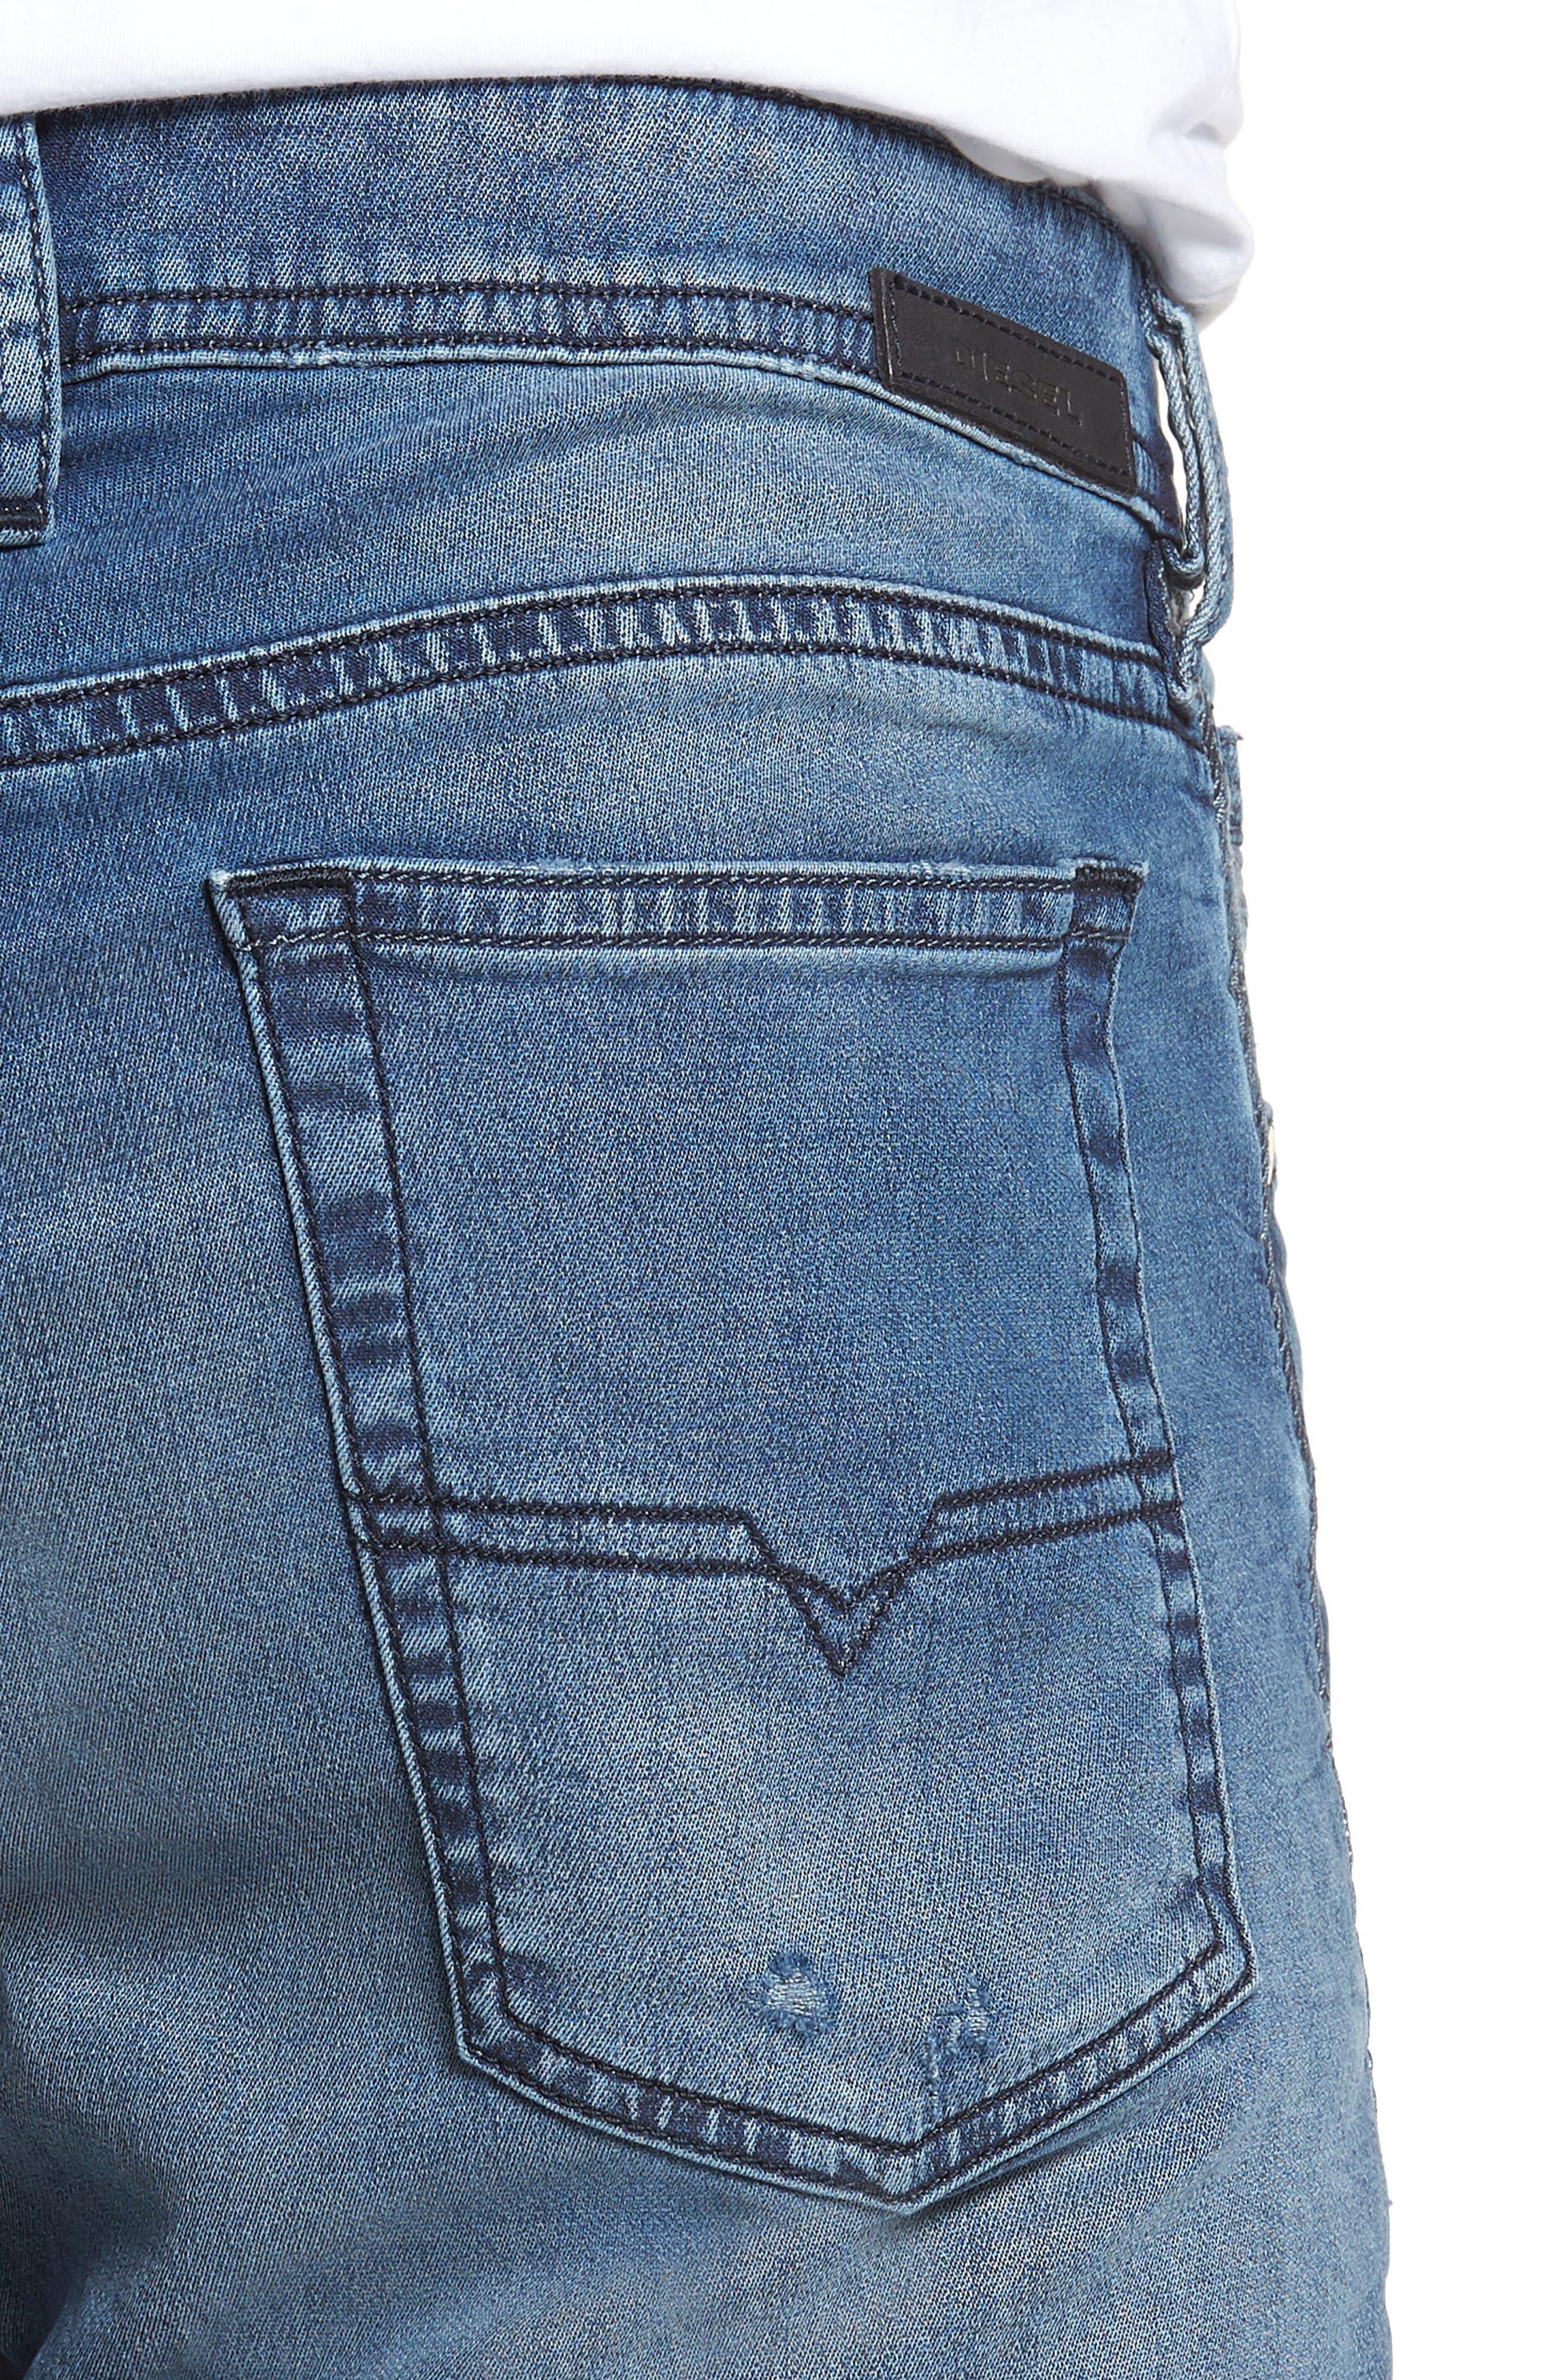 Bakari Skinny Fit Jeans,                             Alternate thumbnail 4, color,                             0688Y